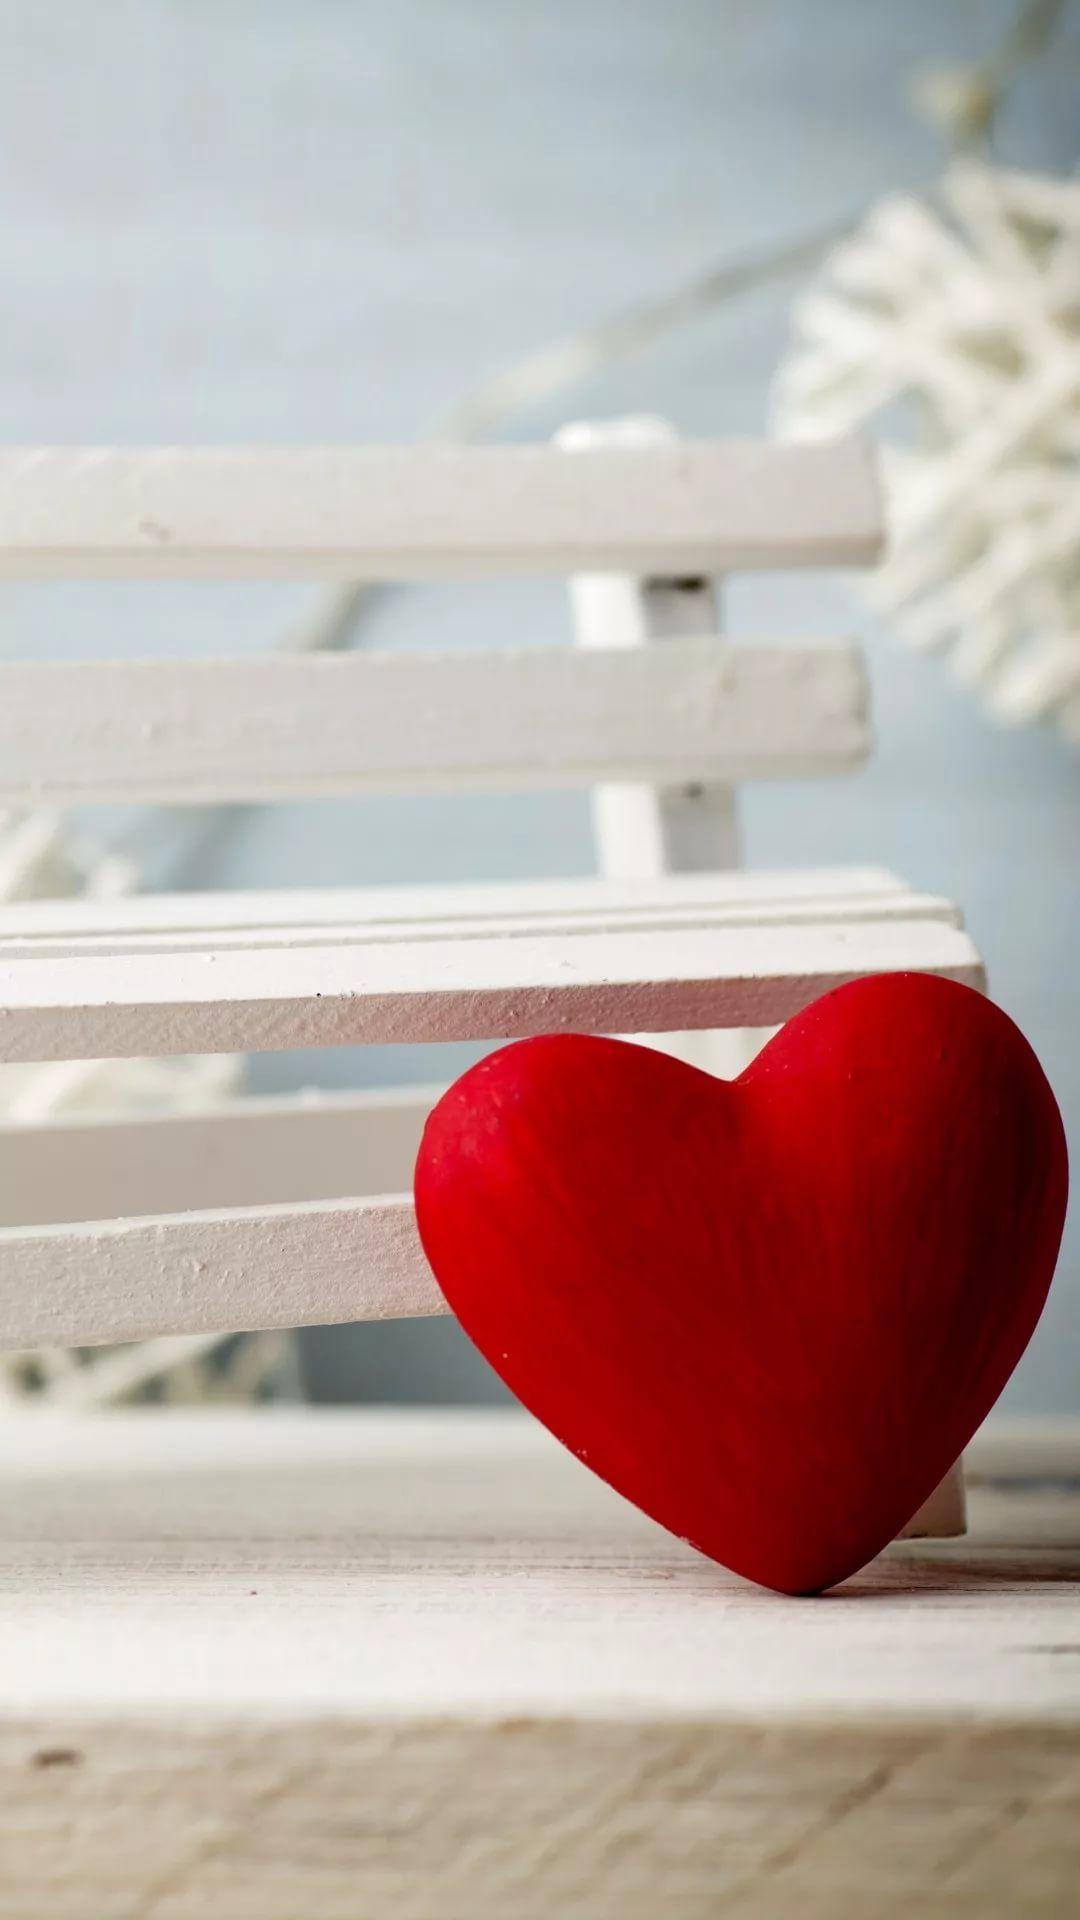 Cute Love s7 Edge Wallpaper